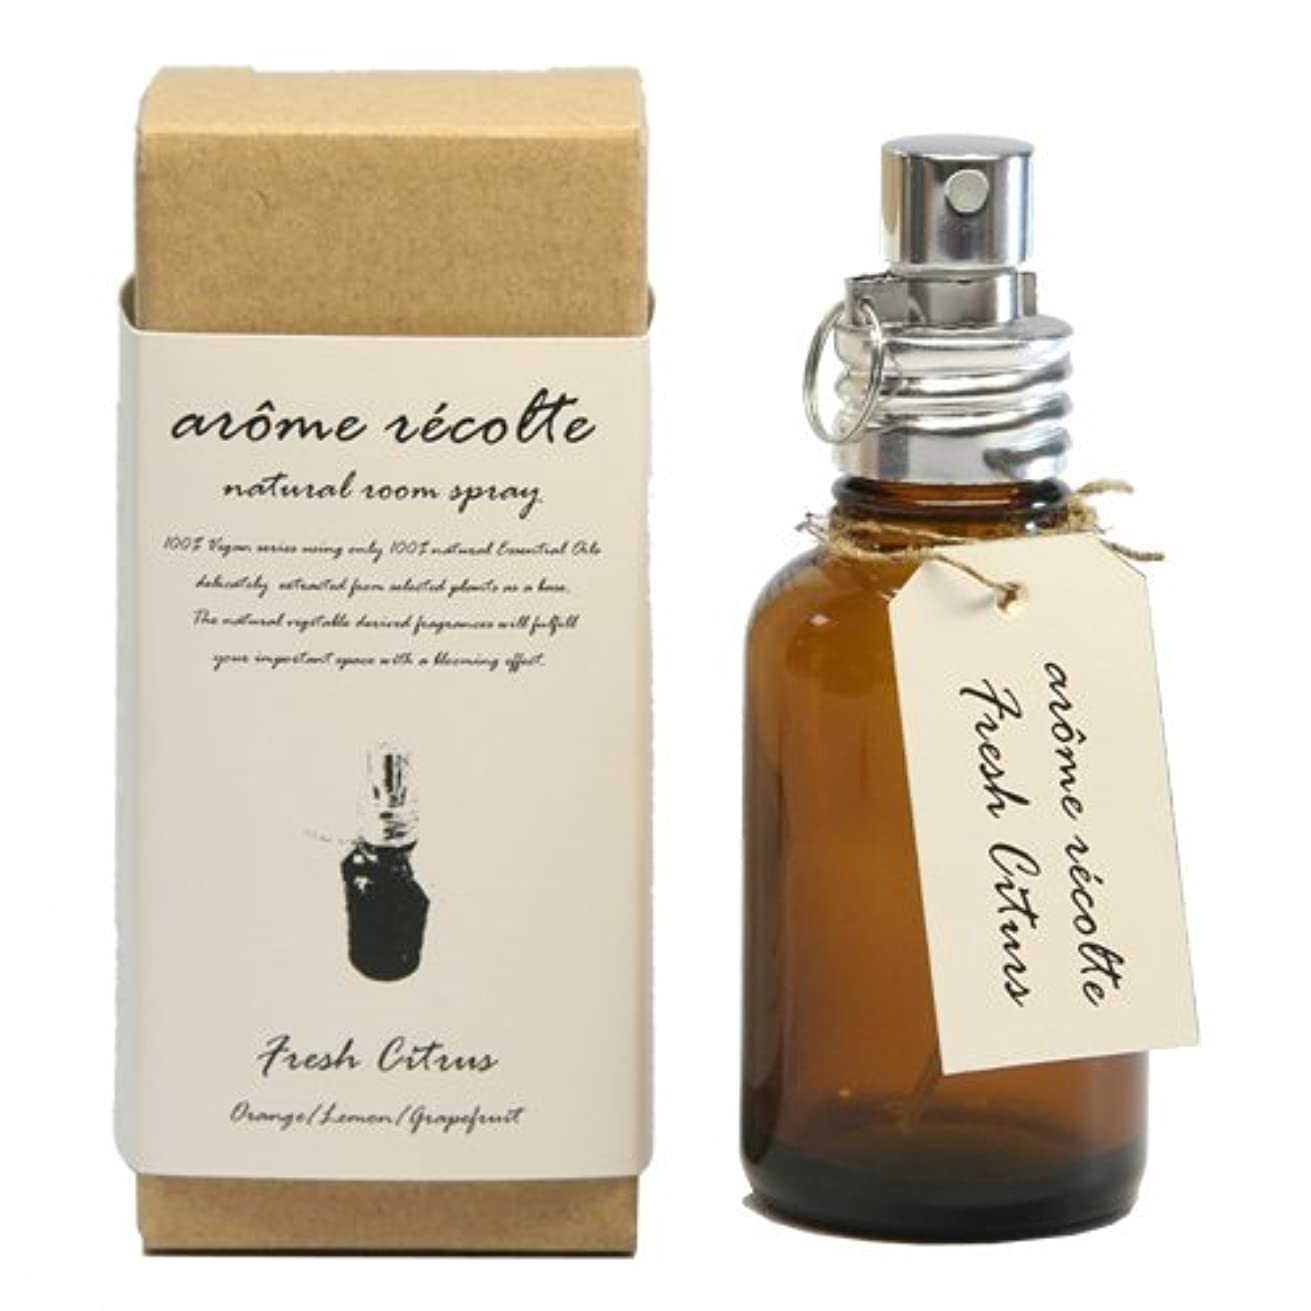 プレビスサイトポータル政令アロマレコルト ナチュラルルームスプレー  フレッシュシトラス【Fresh Citurs】 arome rcolte